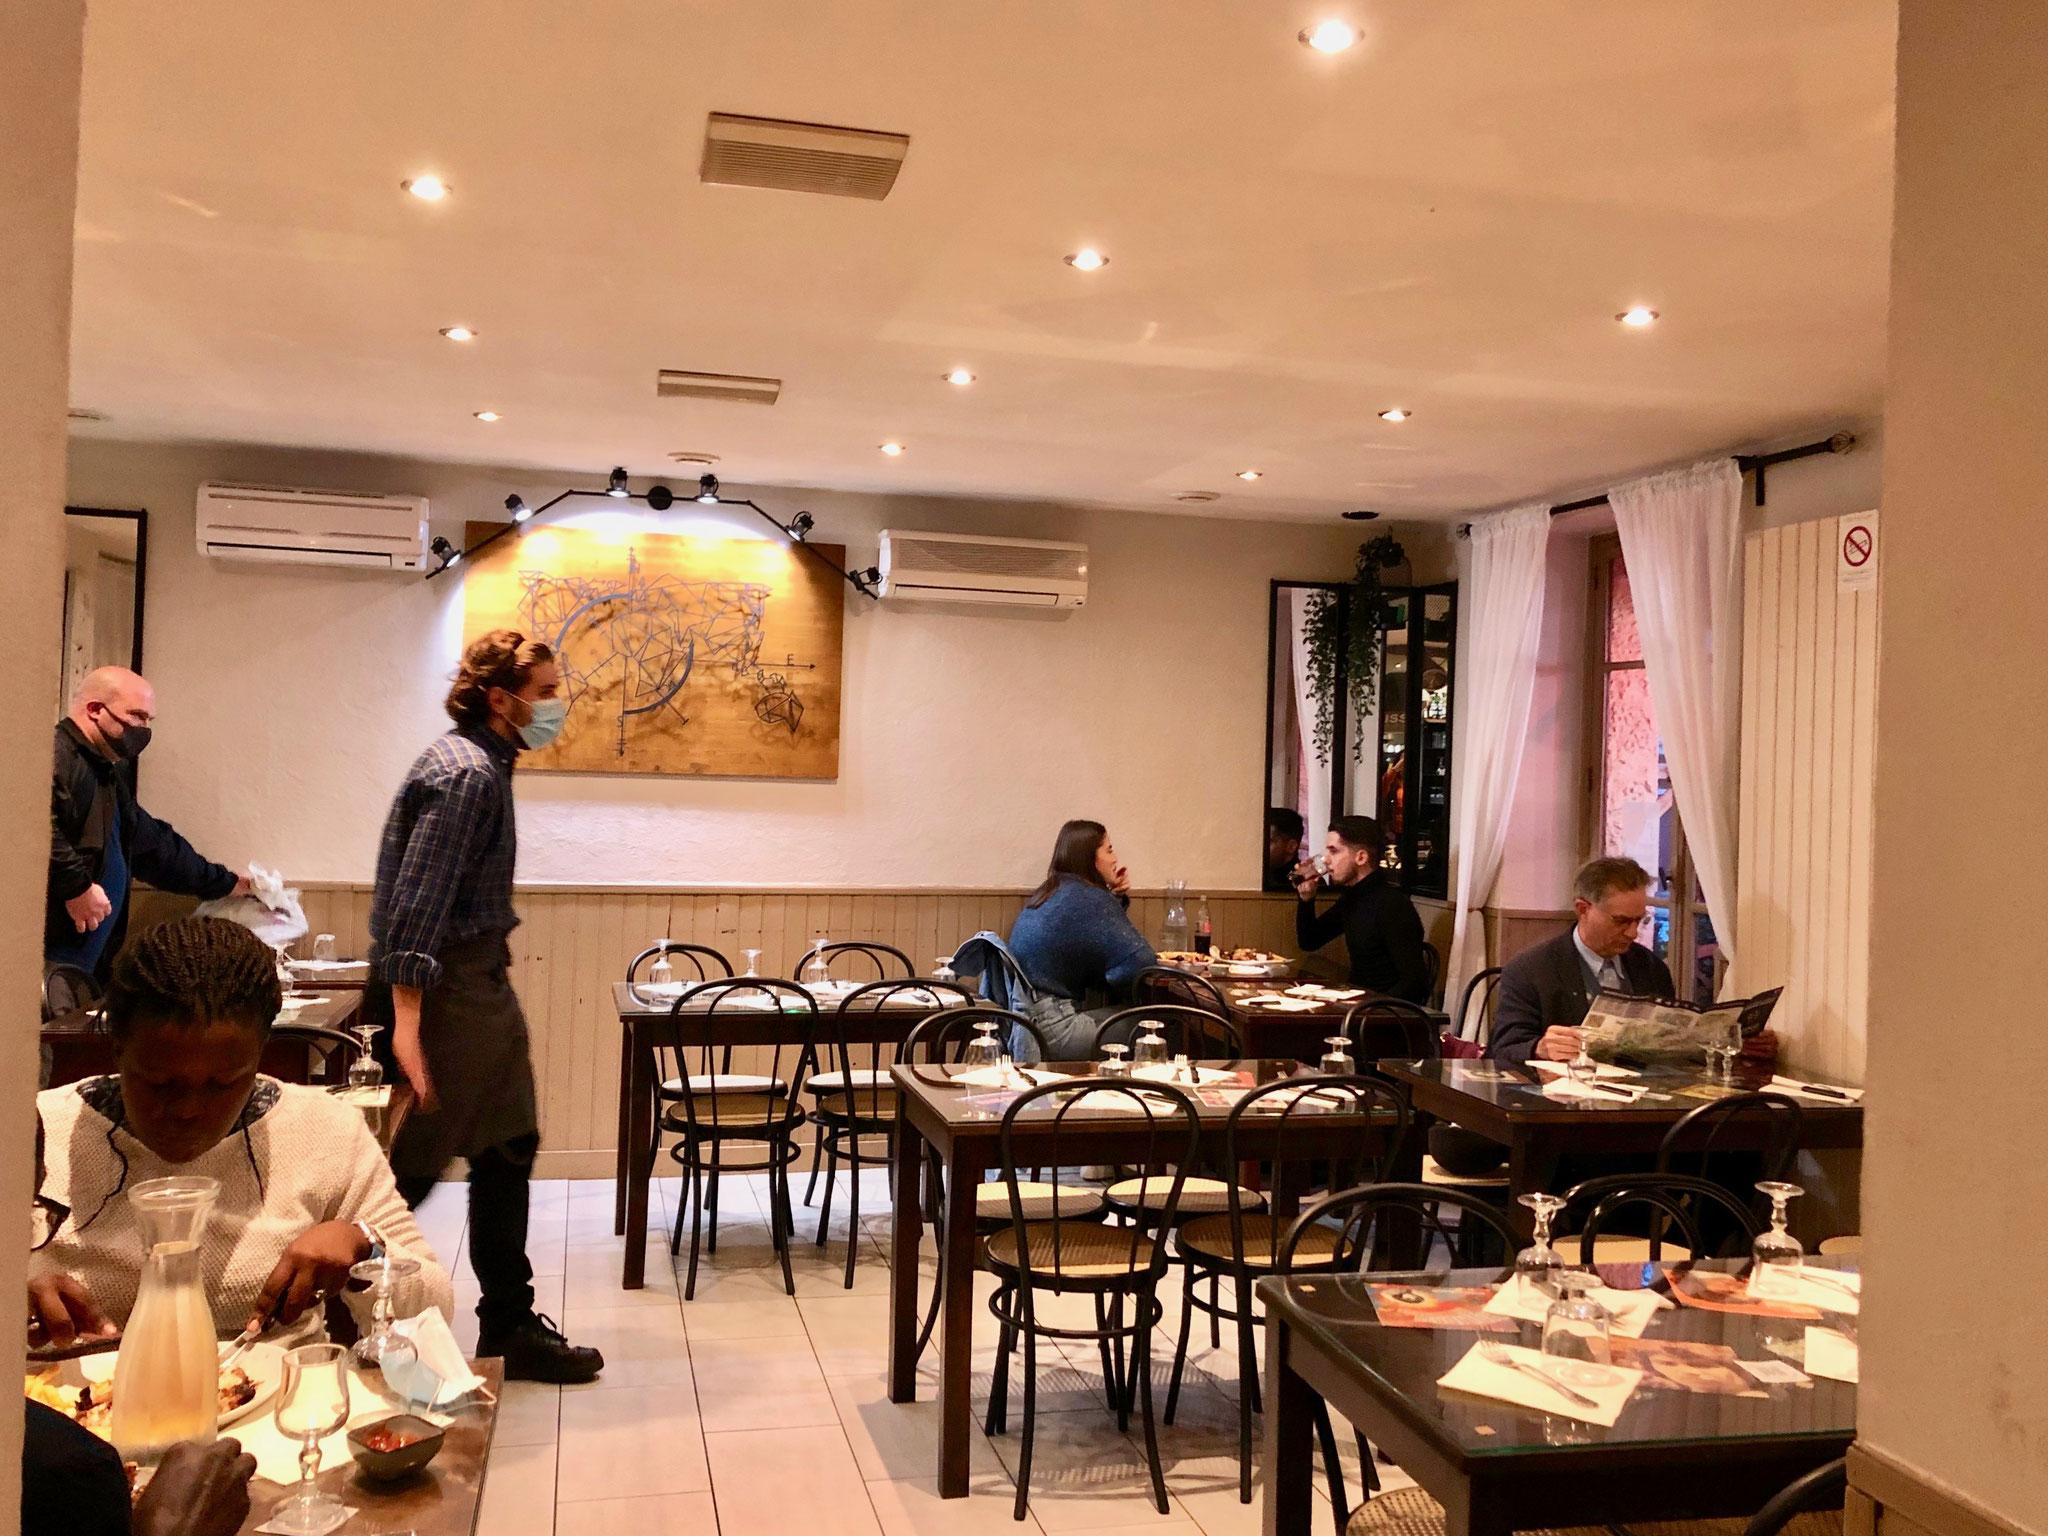 シャルル・ド・ゴール空港近くのホテル街だが、宿泊客がいないため、どのレストランも休業中。ようやく見つけたのはガレットの店1軒のみ